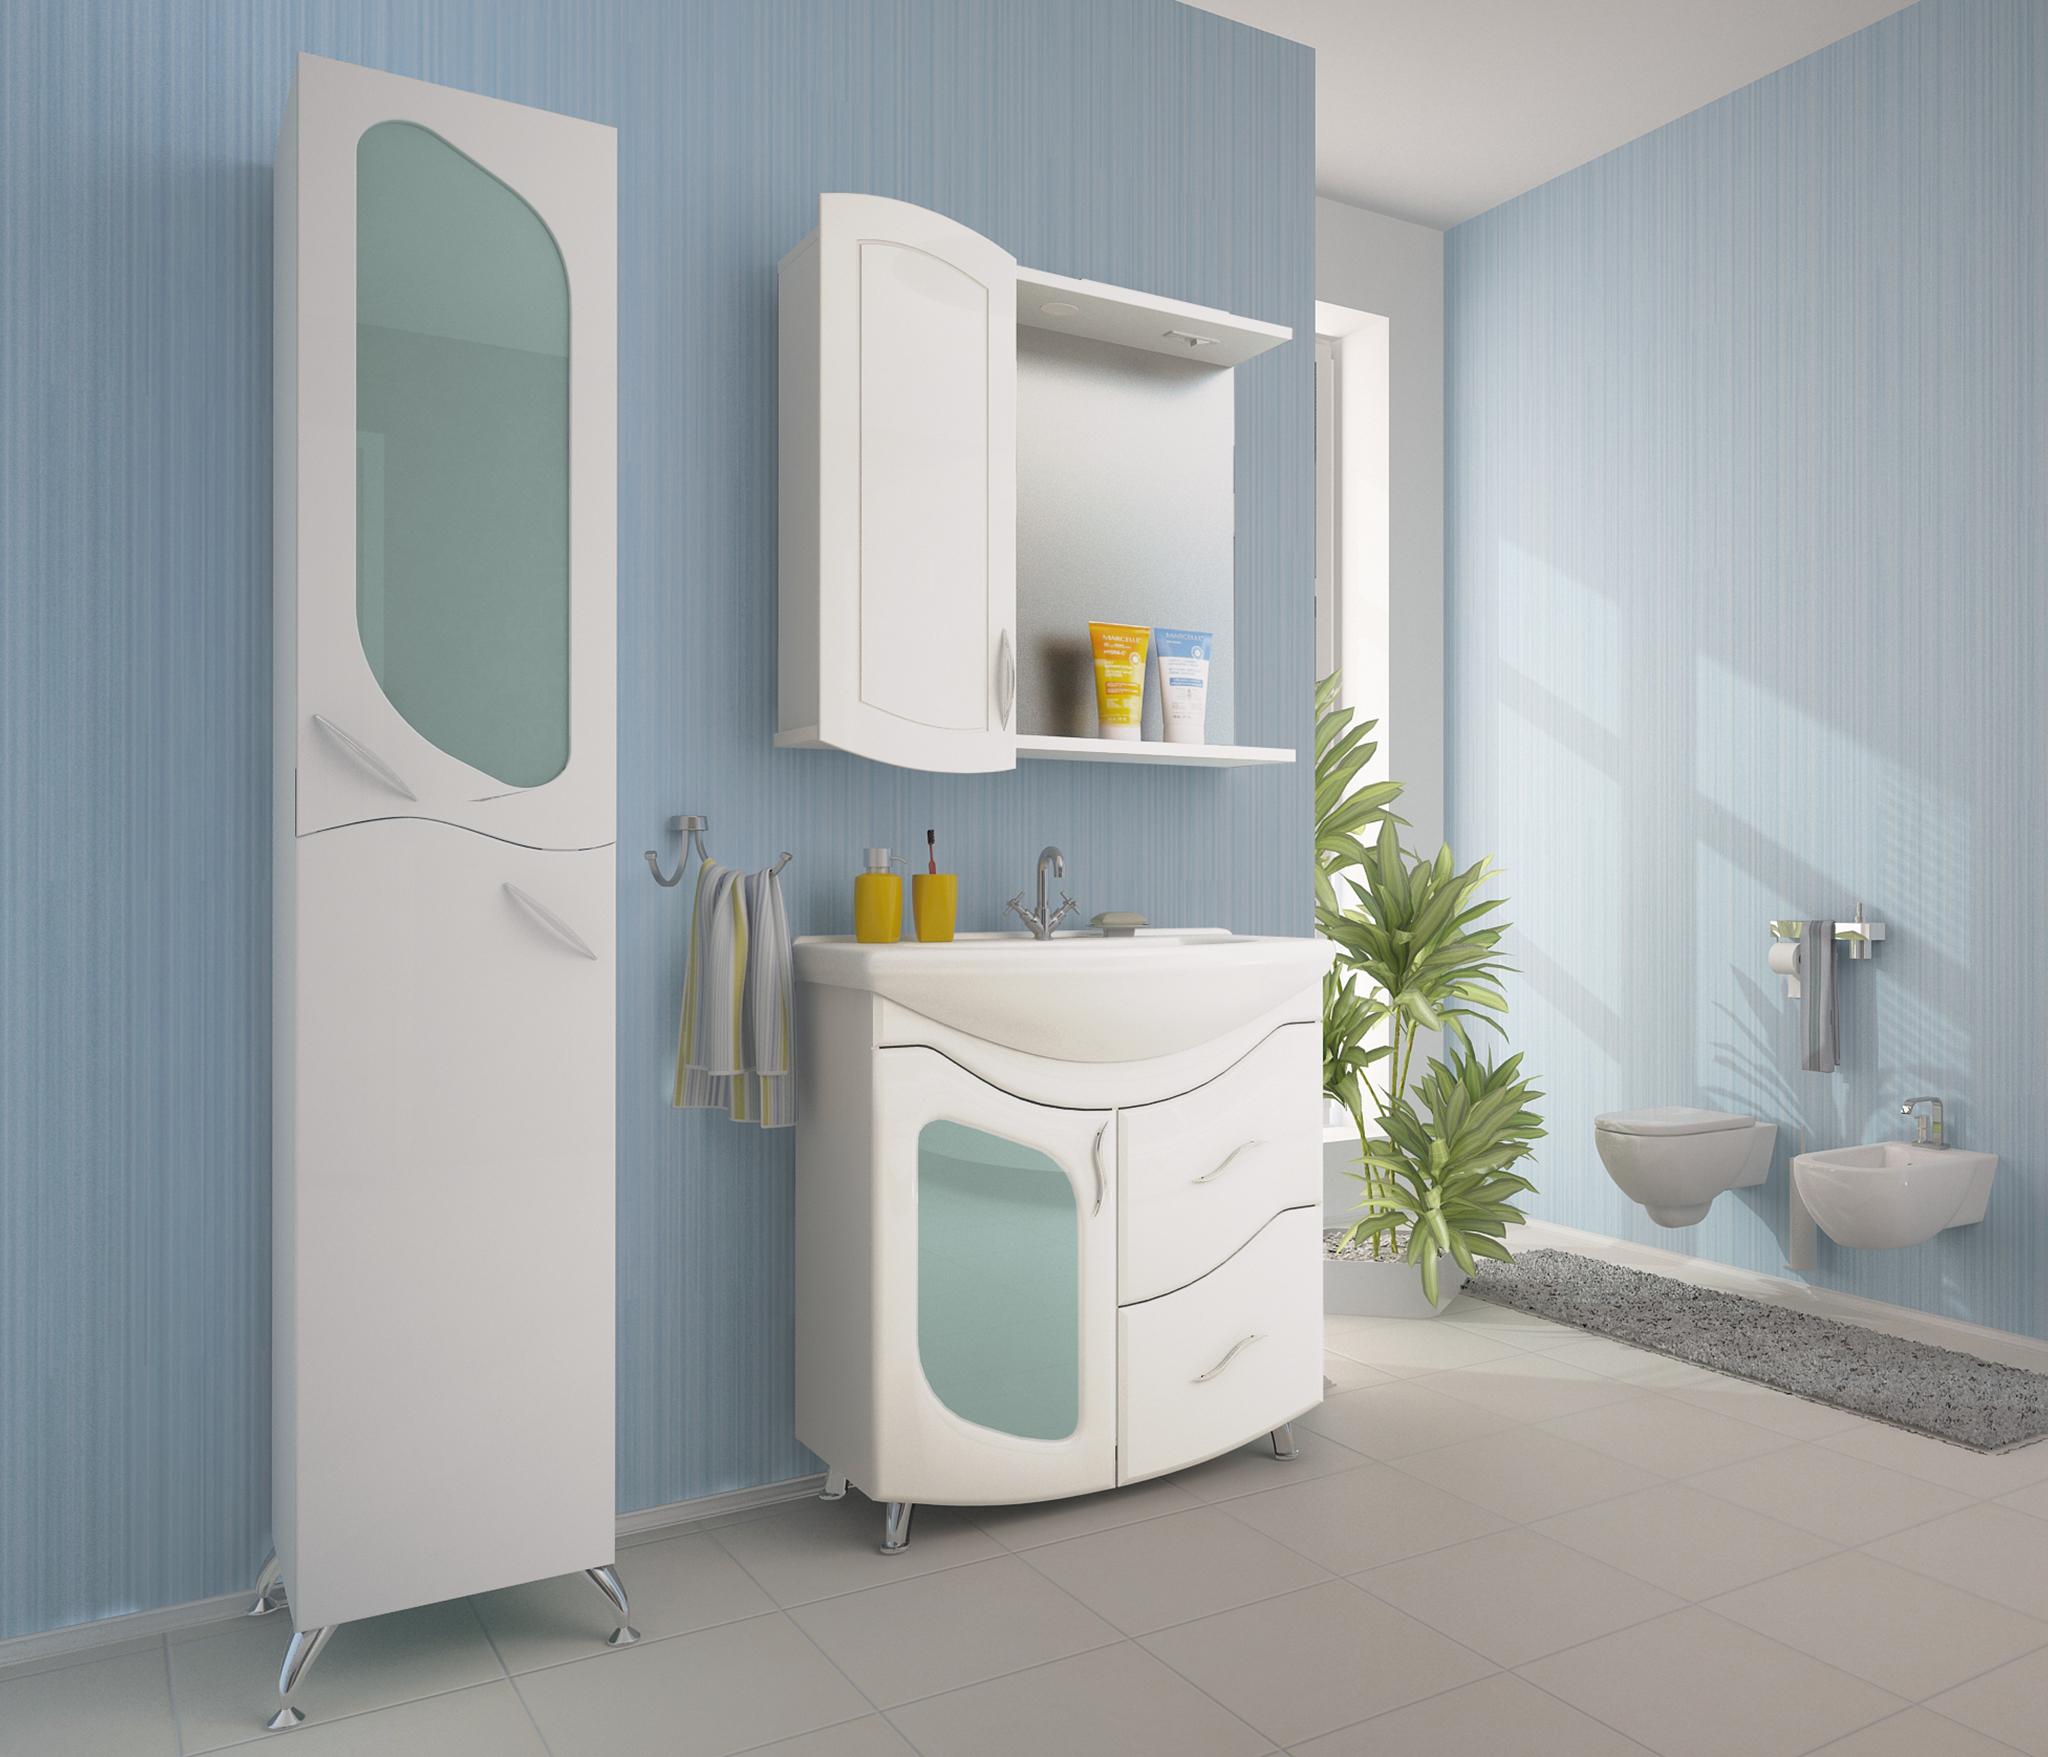 Набор мебели для ванной Mixline Ассоль-75 белый (зеркальный шкаф правый, тумба, раковина) раковина квадро для тумбы торонто 75